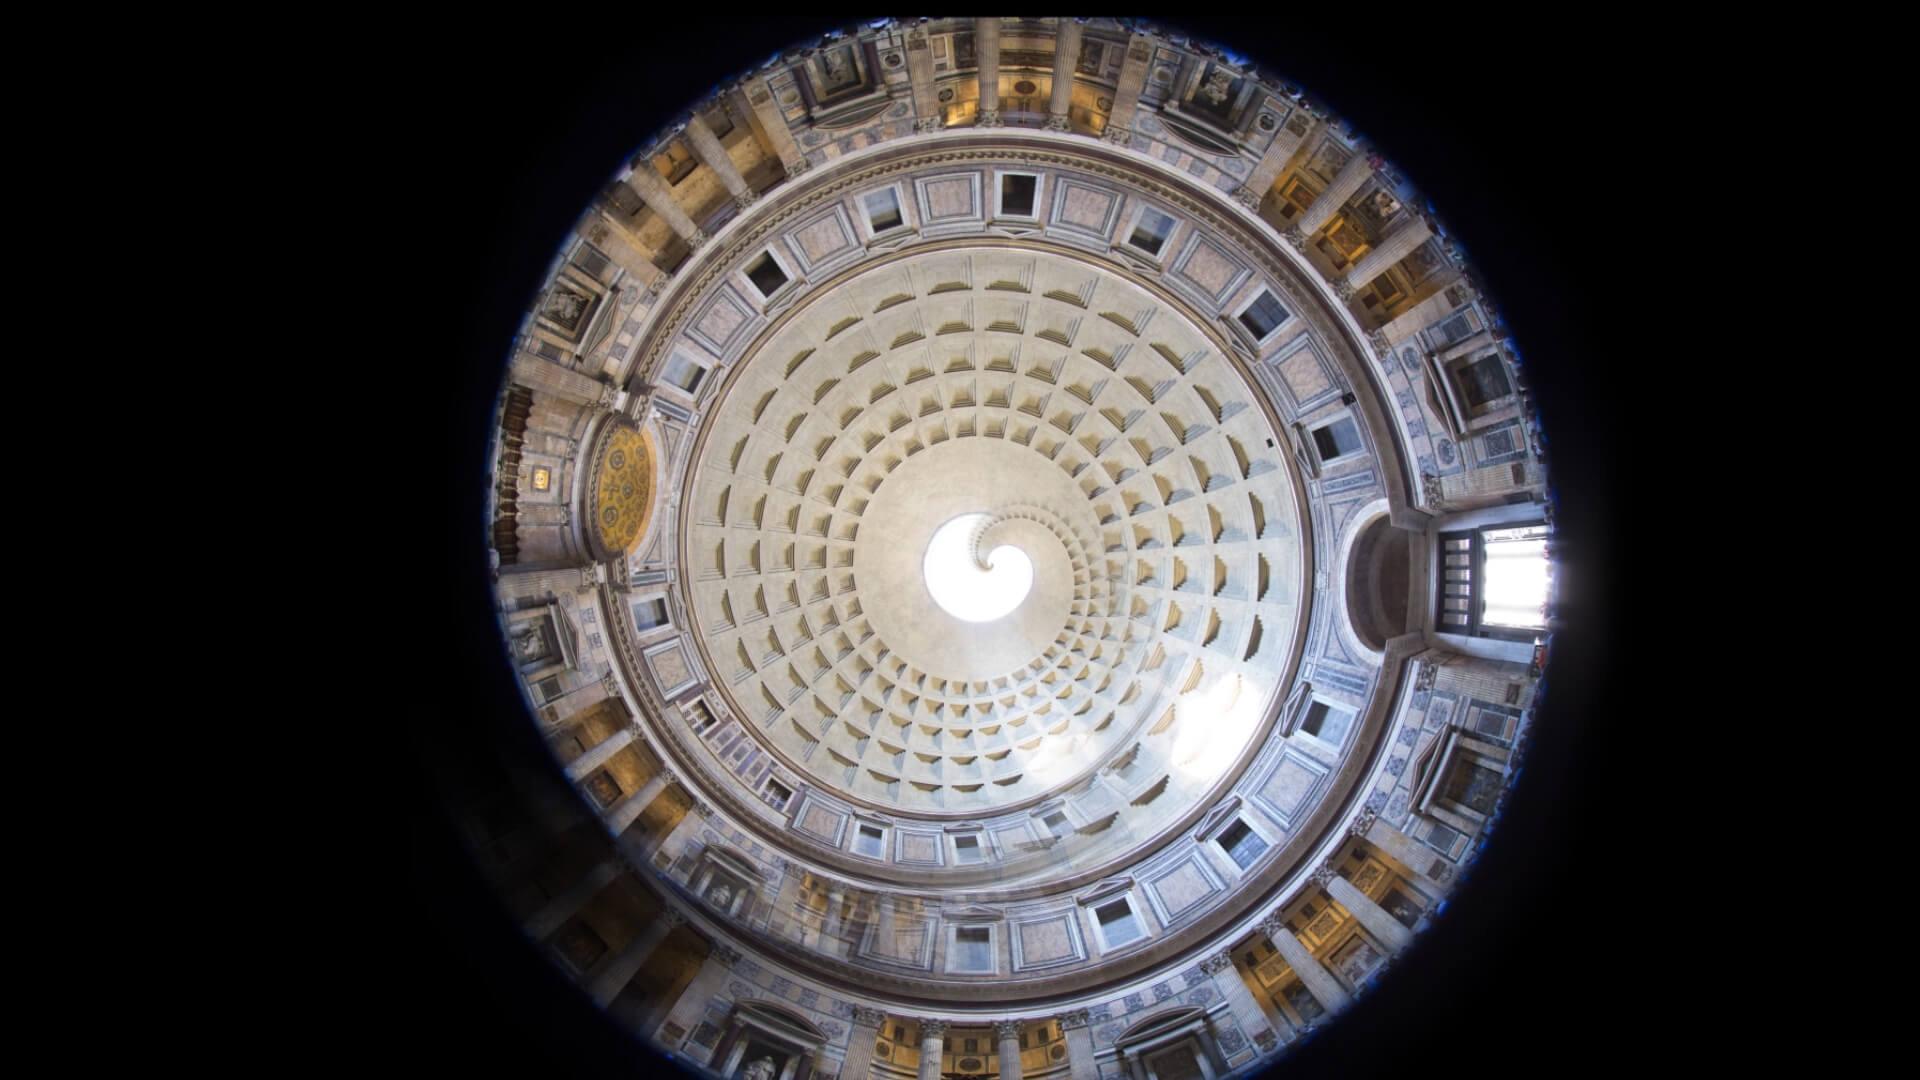 Mantra VR Escher Droste